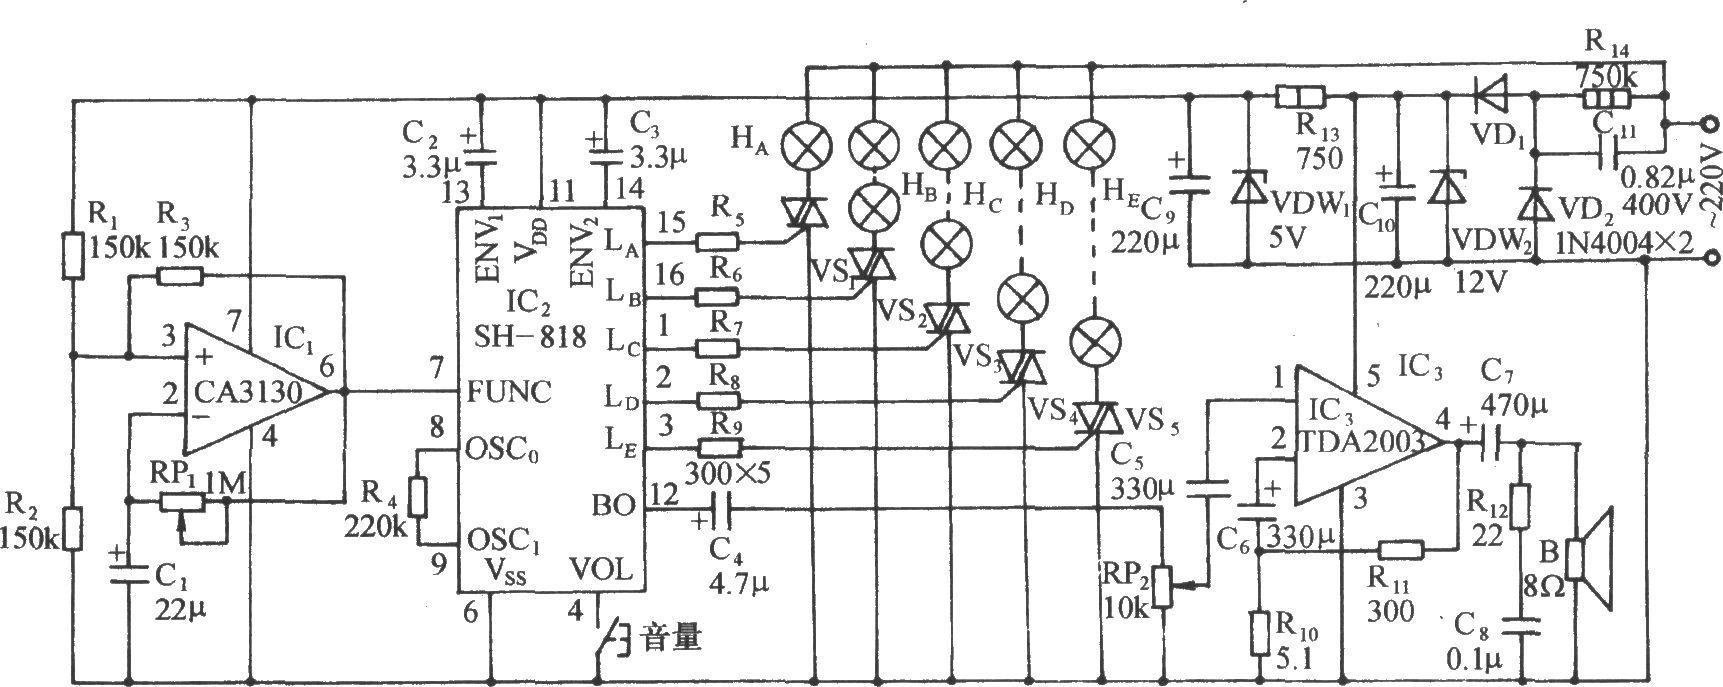 包括时钟节拍发生器,灯控电路,中功率放大器和交流降压,稳压电路.